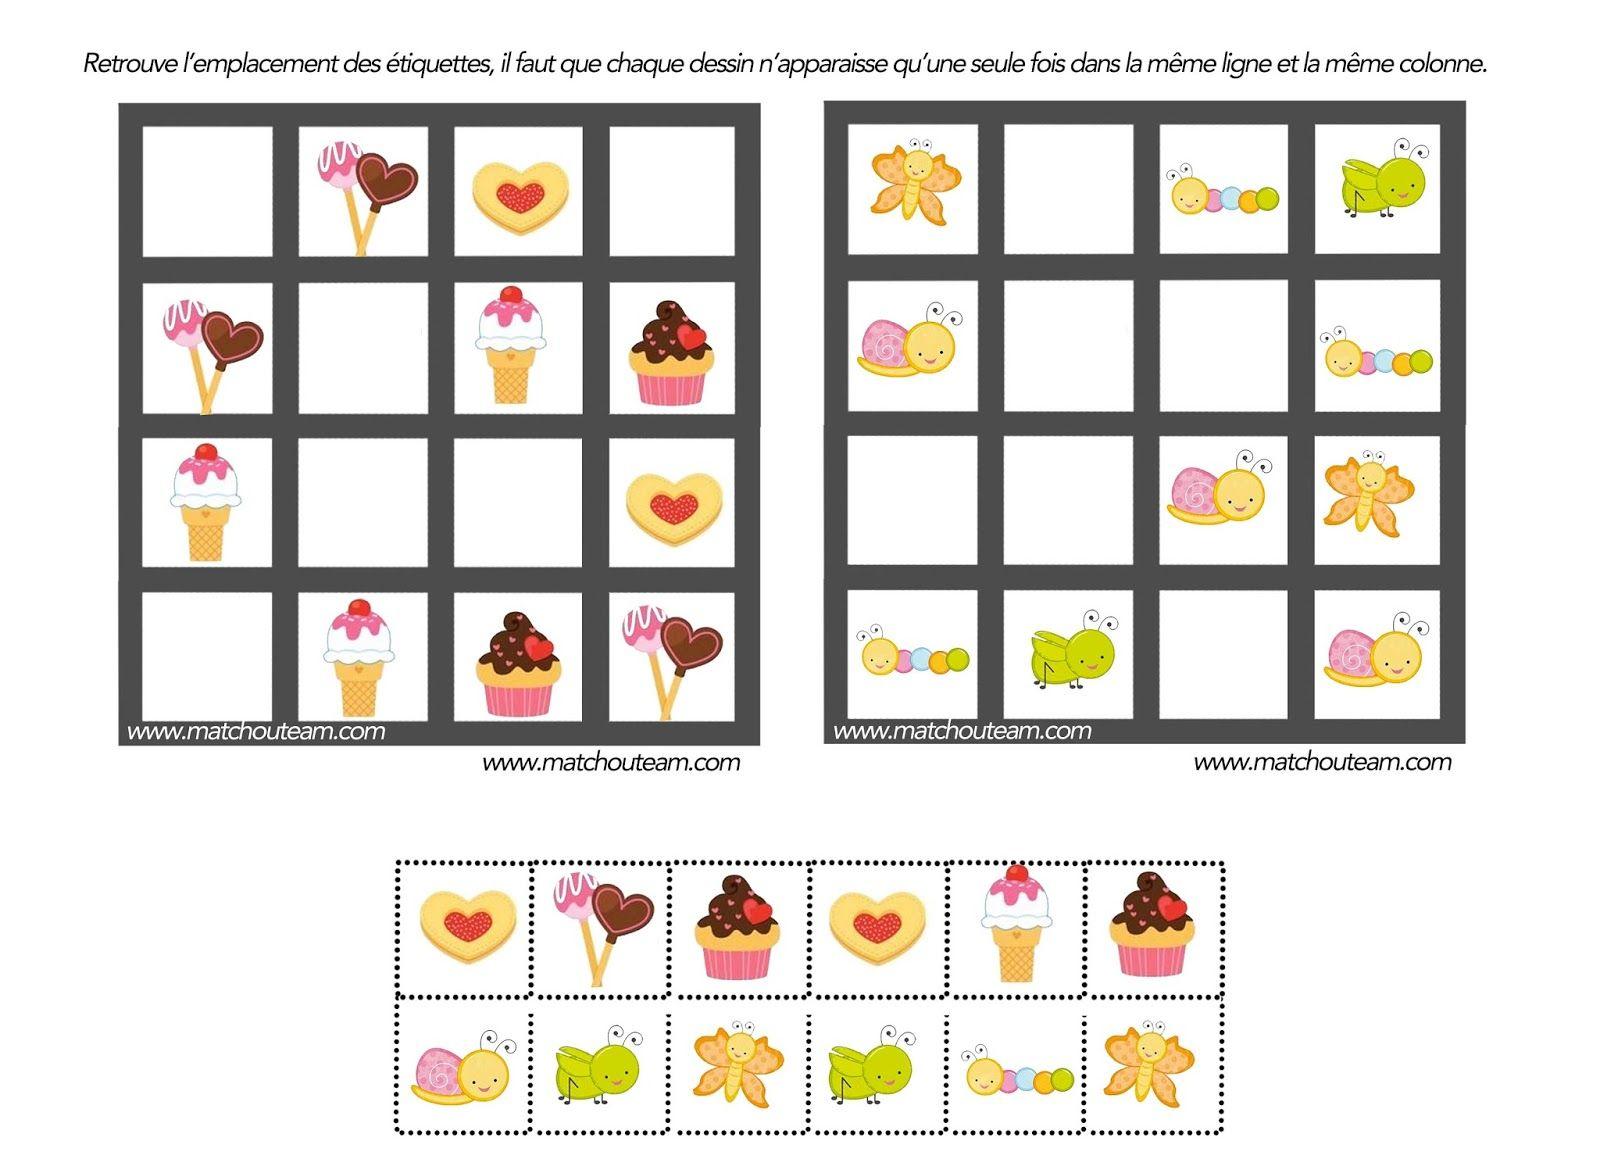 Jeu Pour Esprit Logique | Jeux De Logique, Jeux De Reflexion concernant Jeux Enfant 3 Ans Gratuit